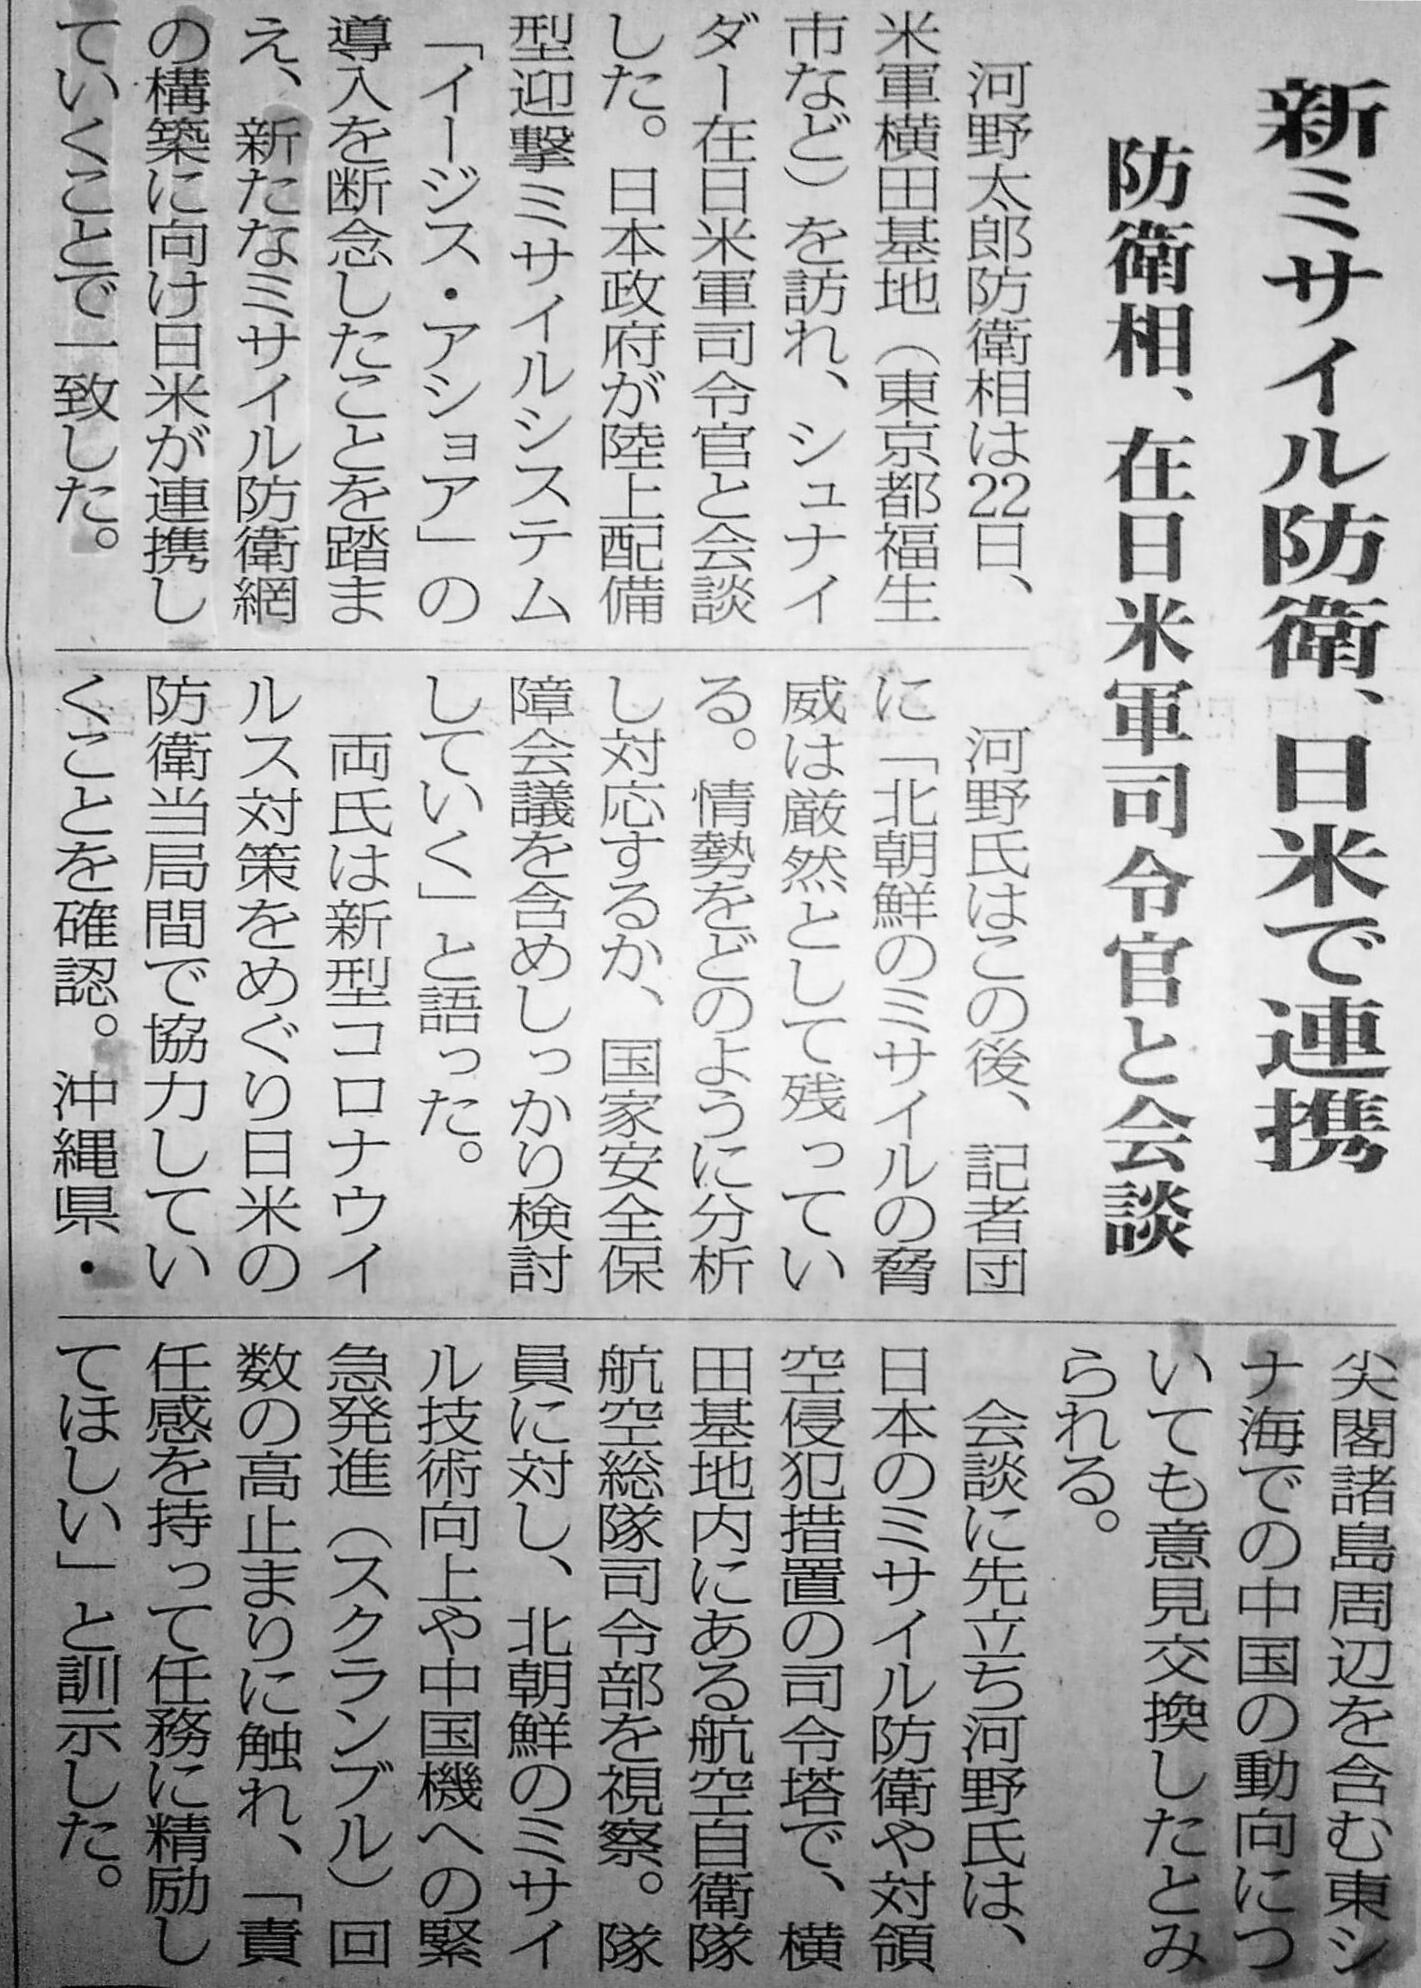 miyakomainichi2020 08231